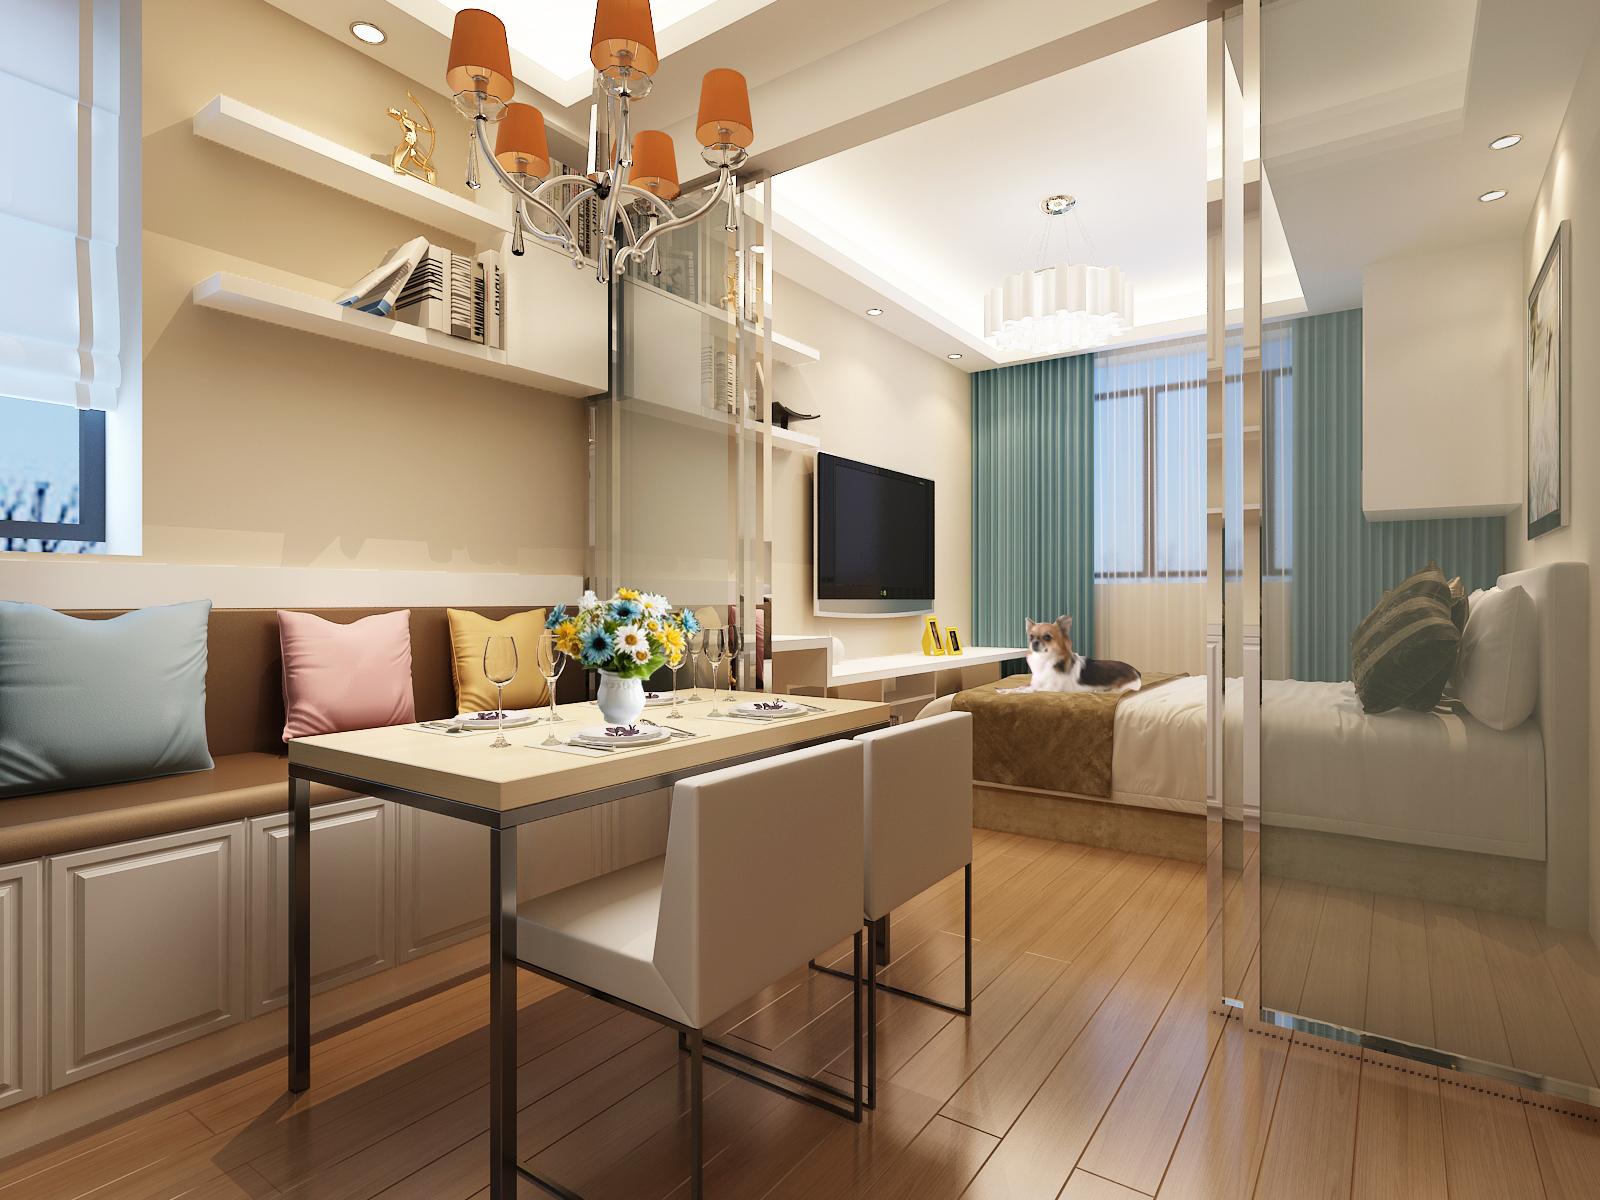 厨房 家居 起居室 设计 装修 1600_1200